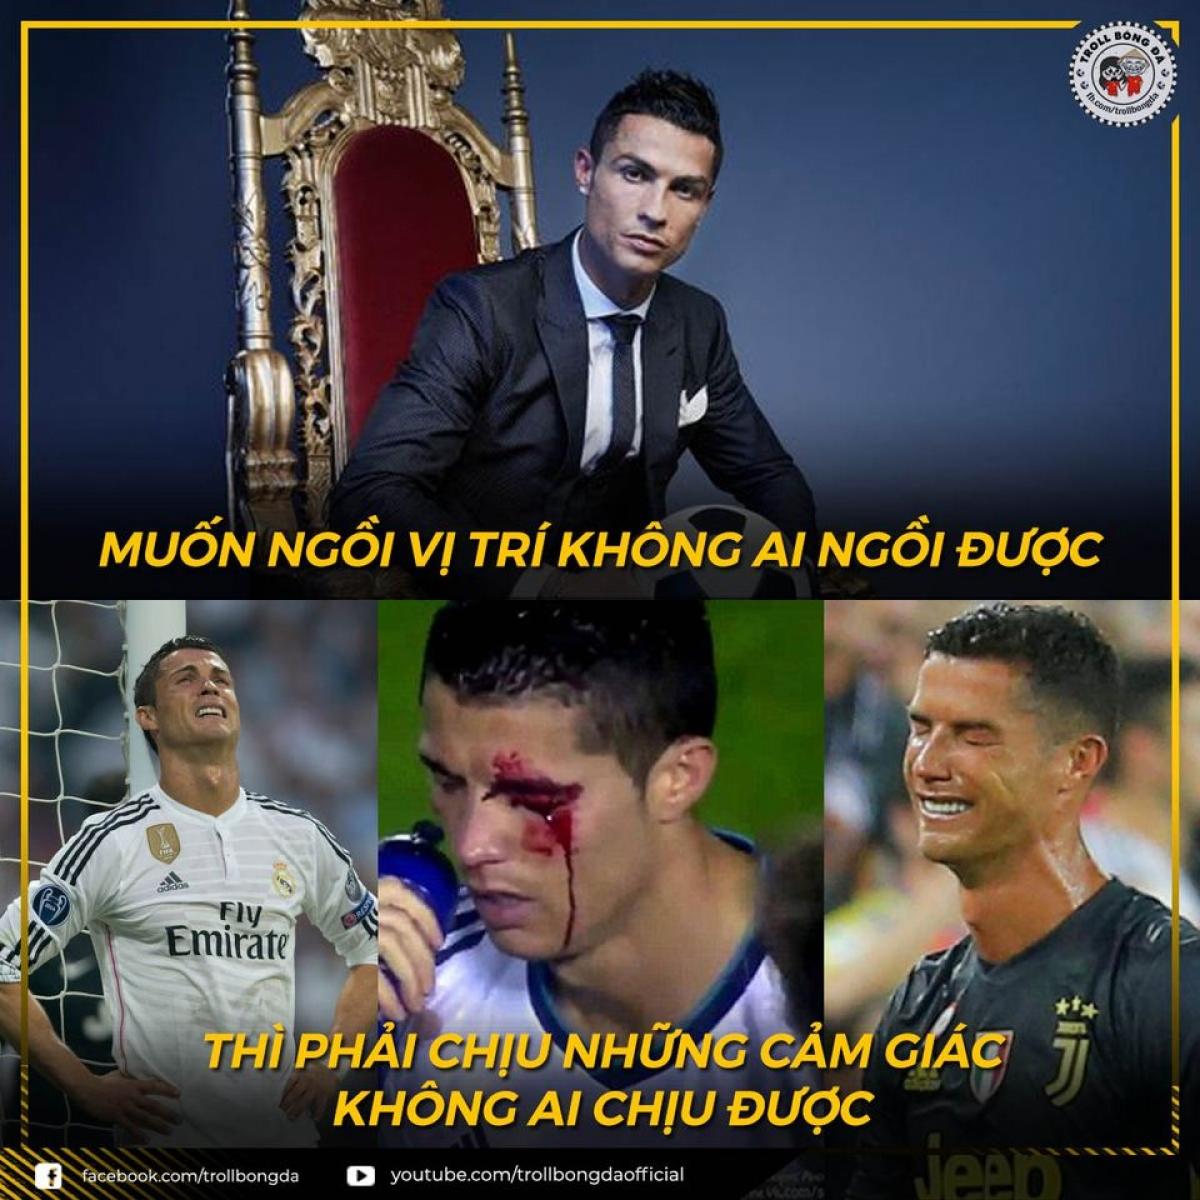 Để có được thành công, Ronaldo đã trải qua nhiều khó khăn, vất vả trong sự nghiệp. (Ảnh: Troll bóng đá).